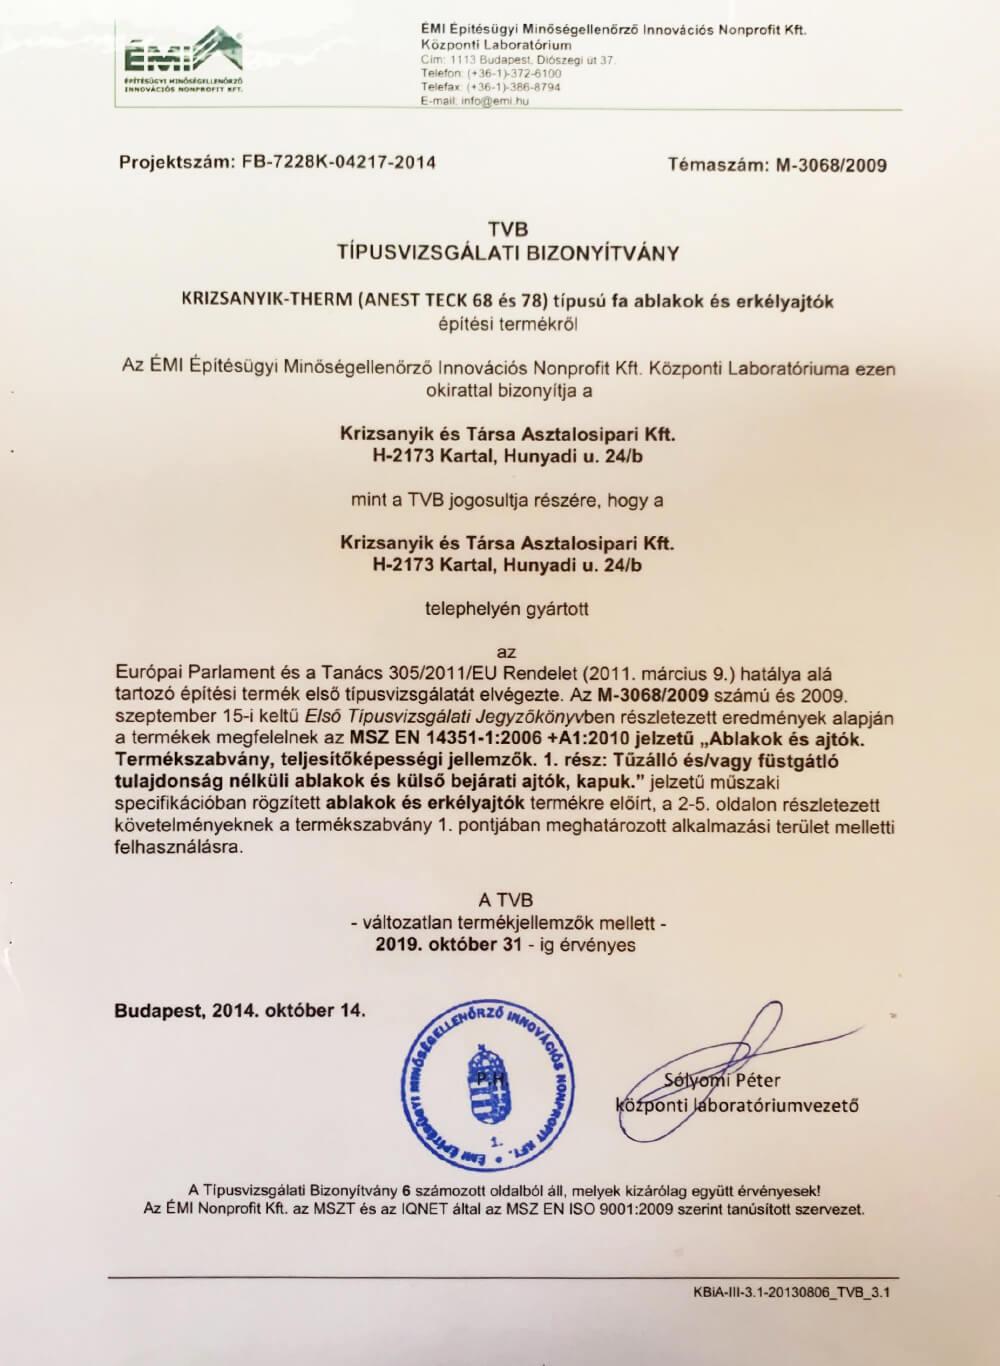 tvb-tipusvizsgalati-bizonyitvany-m-3068